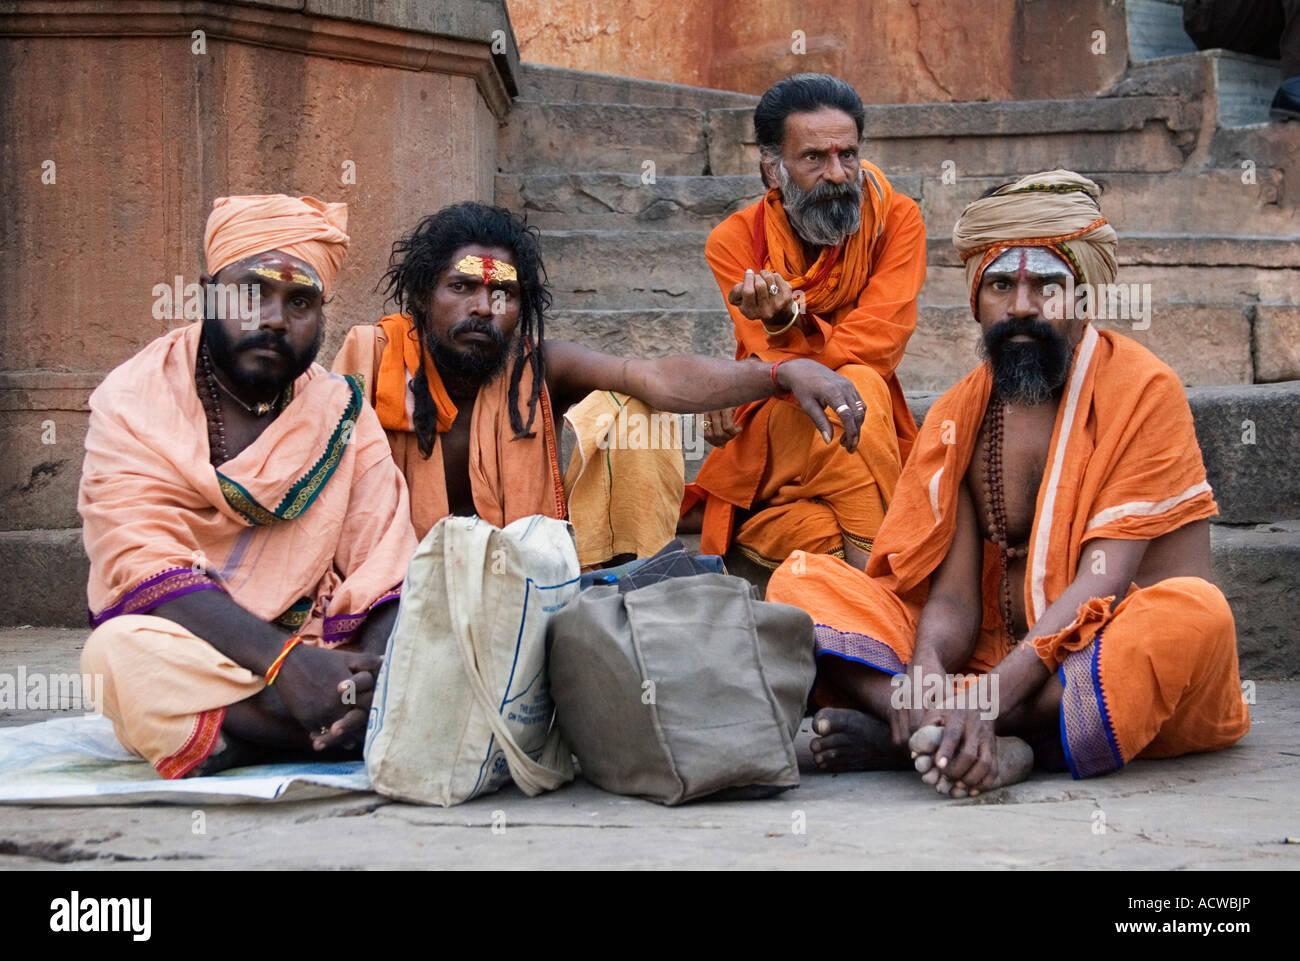 Holy Saddou men at the stairs at the ghats Varanasi Benares India Stock Photo